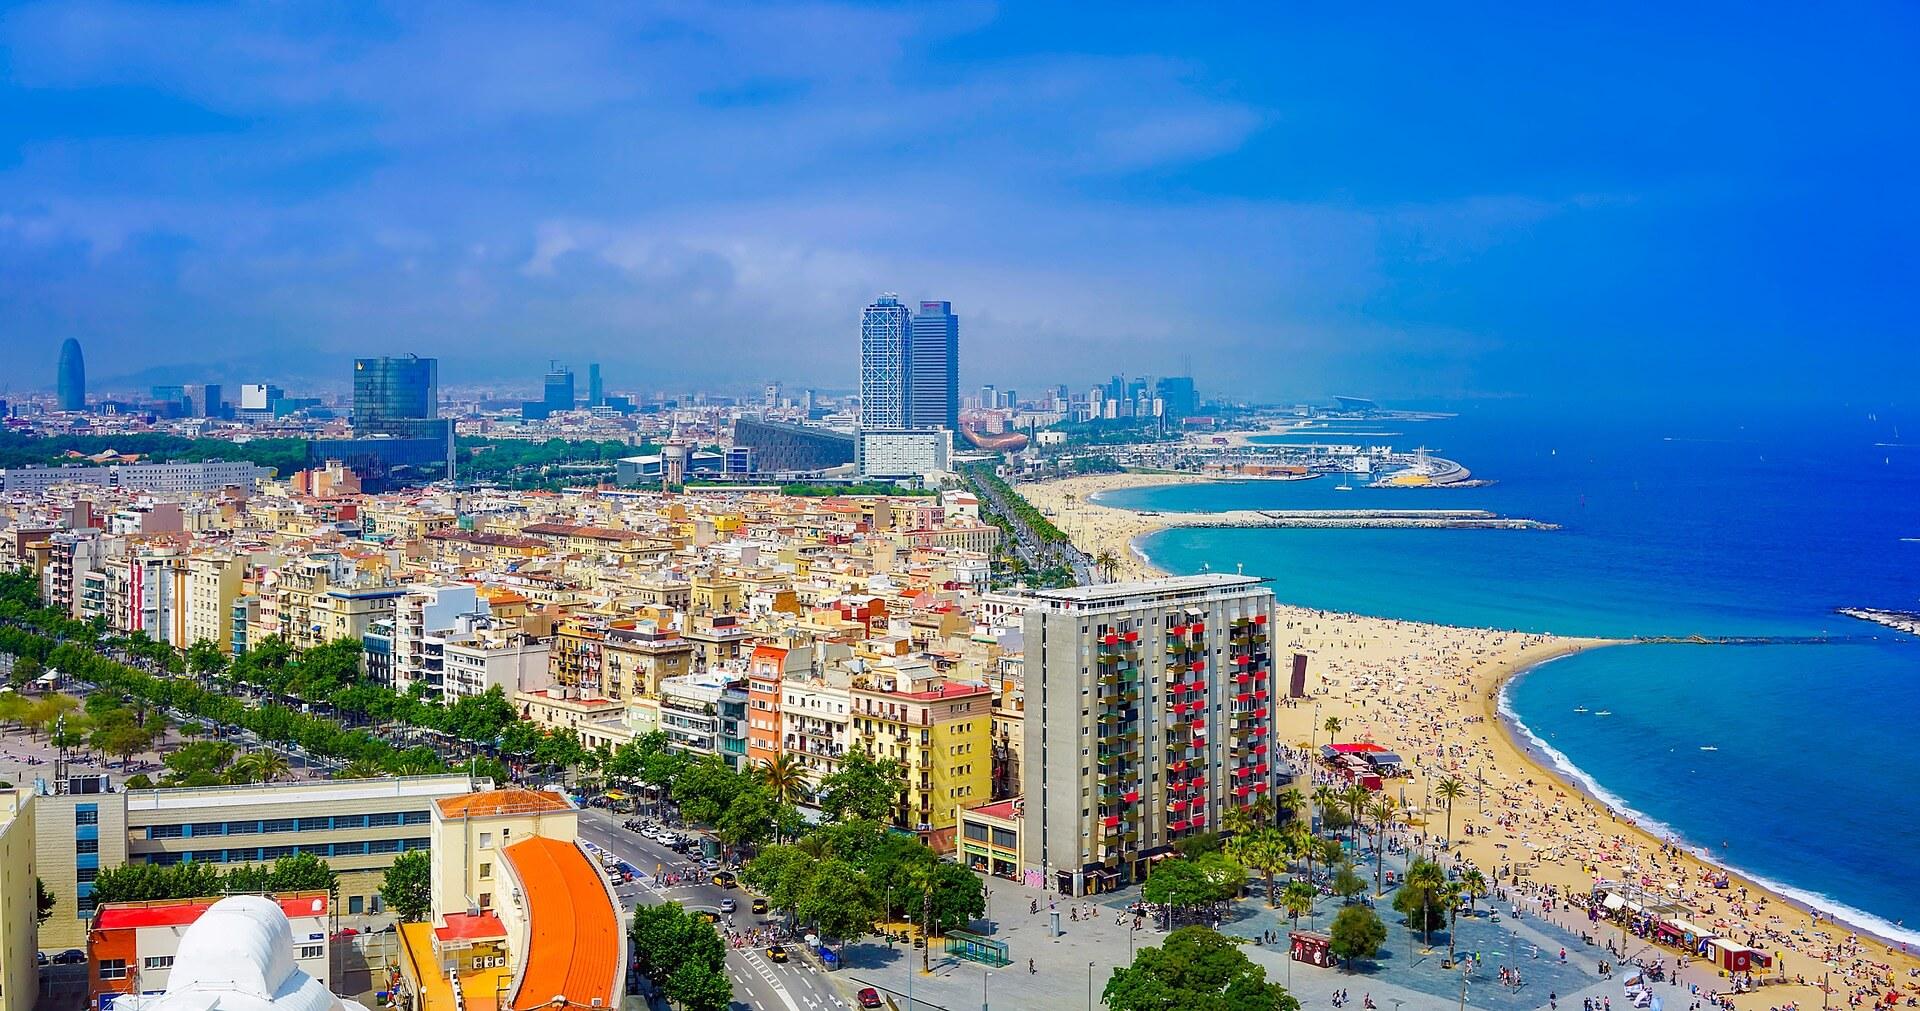 Wochenendtrip: Sechs coole Städte mit Strand